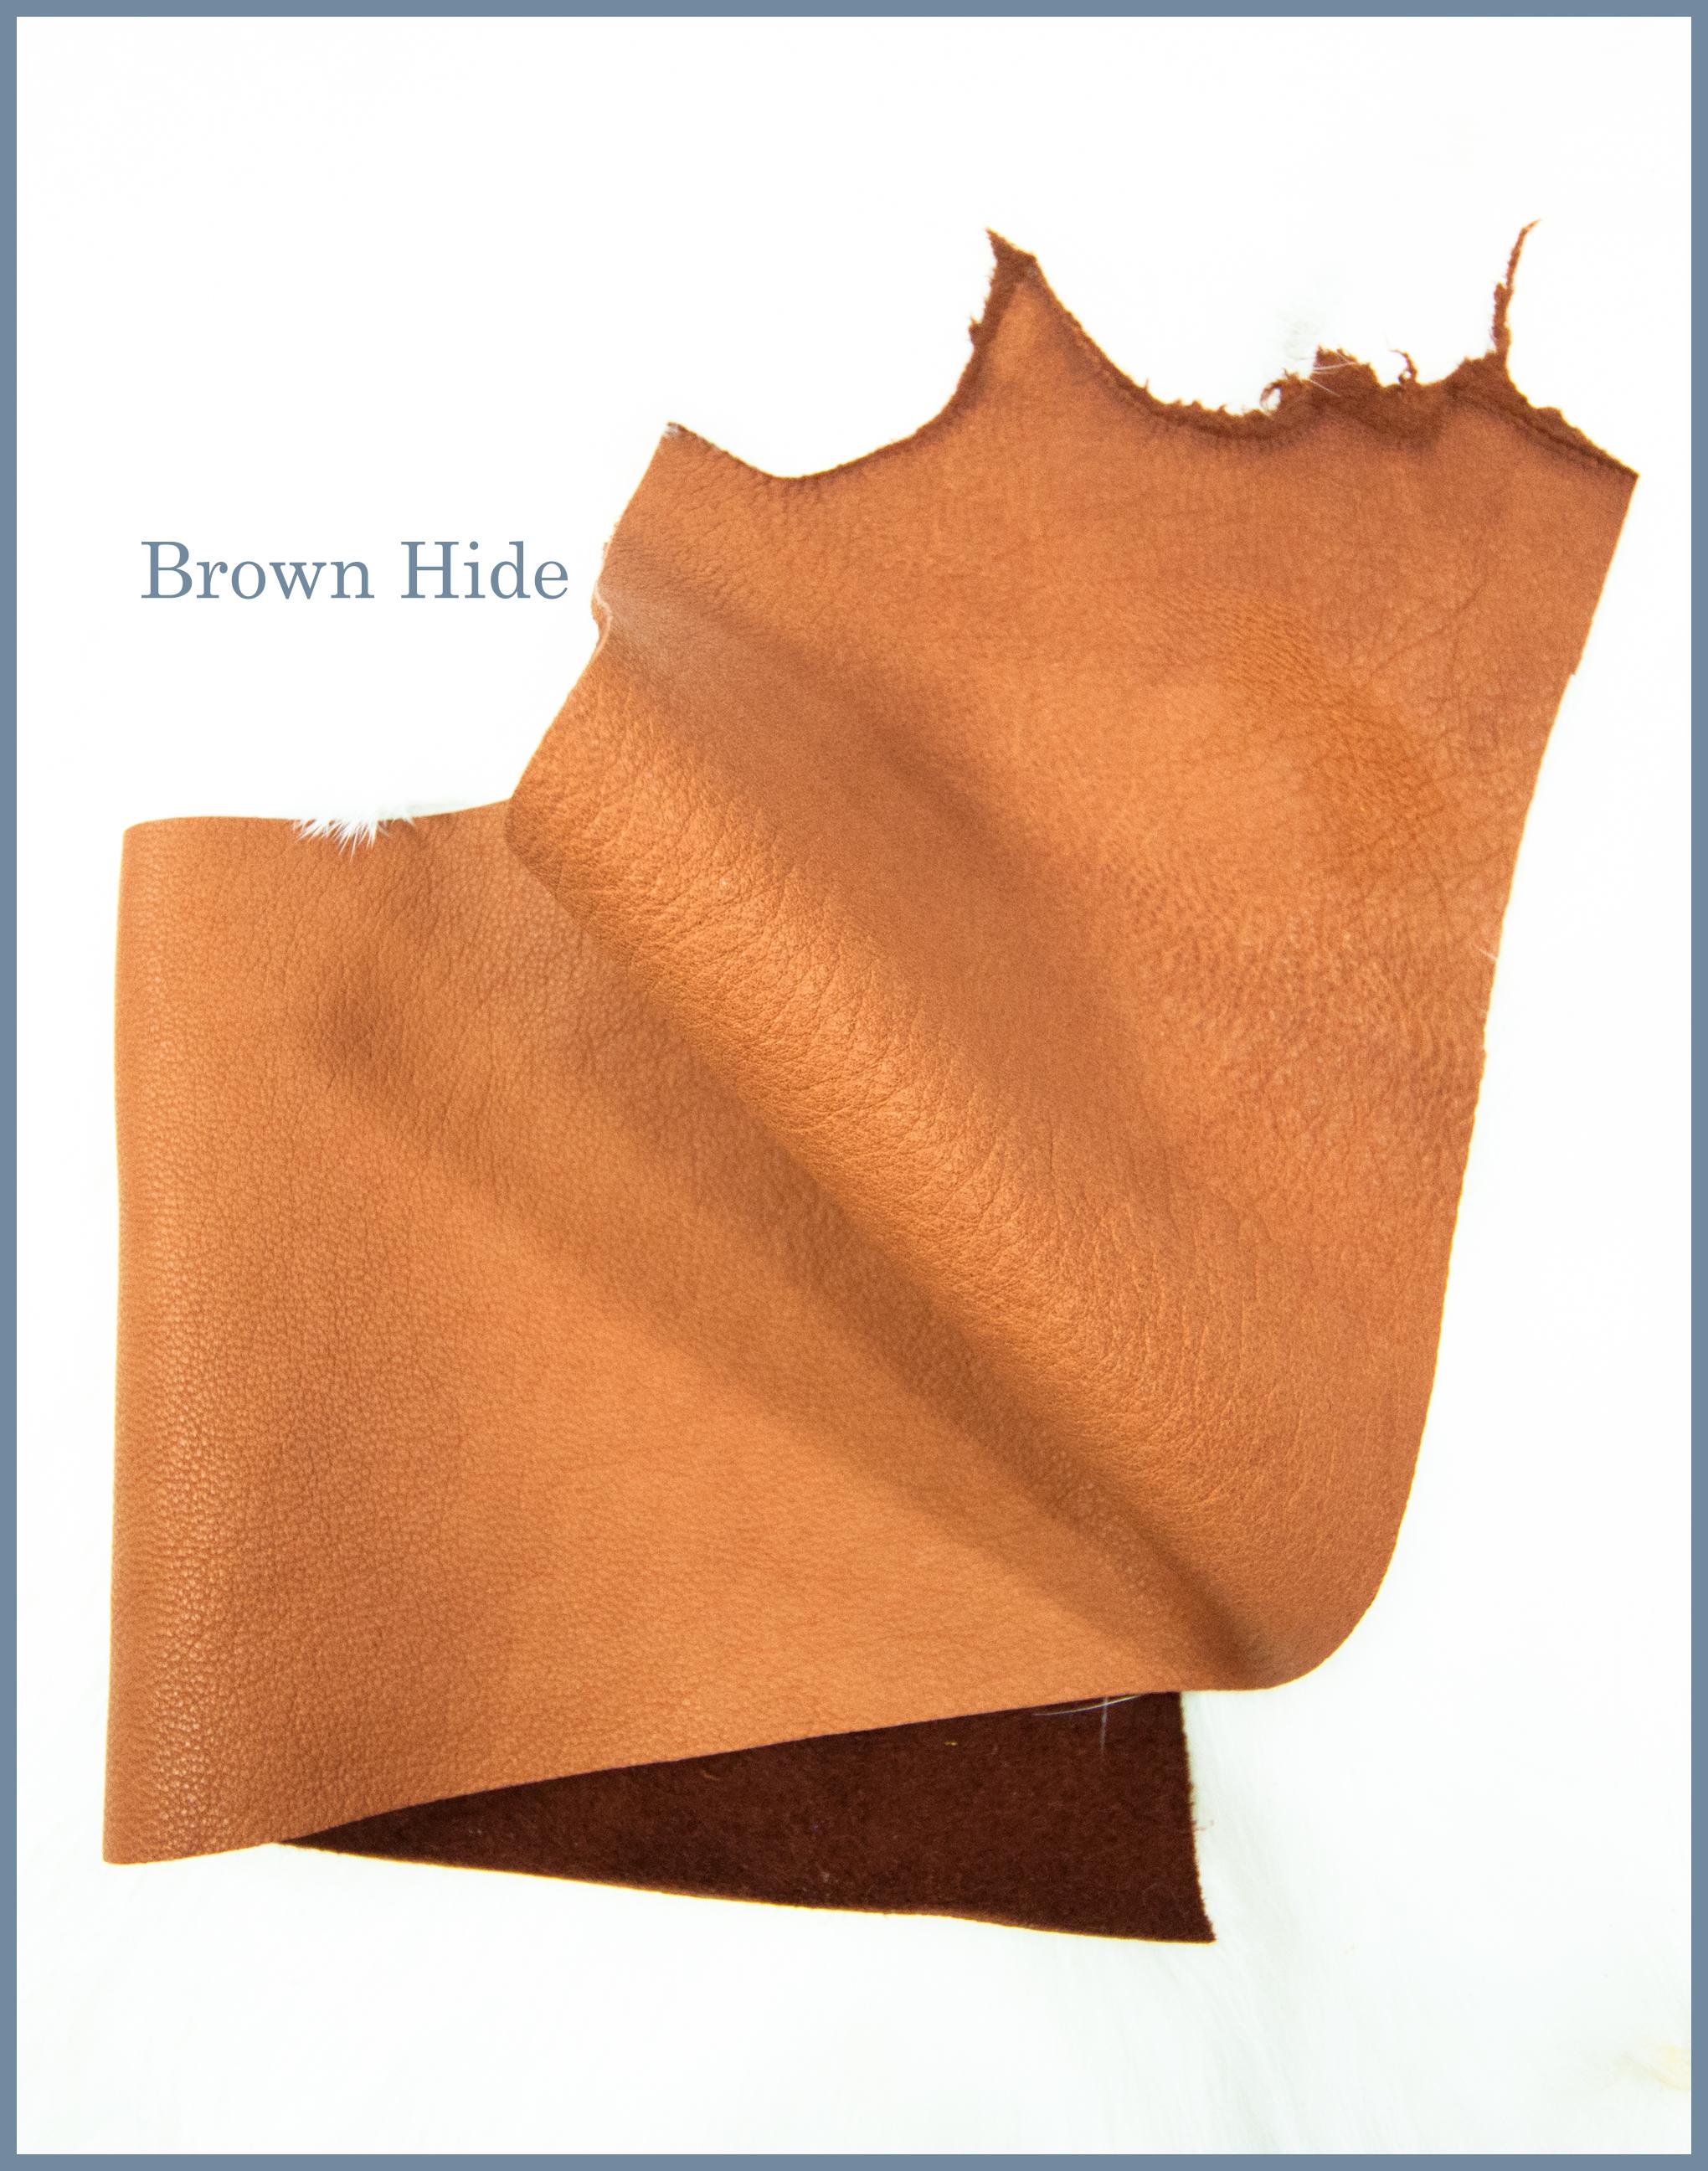 BrownHide